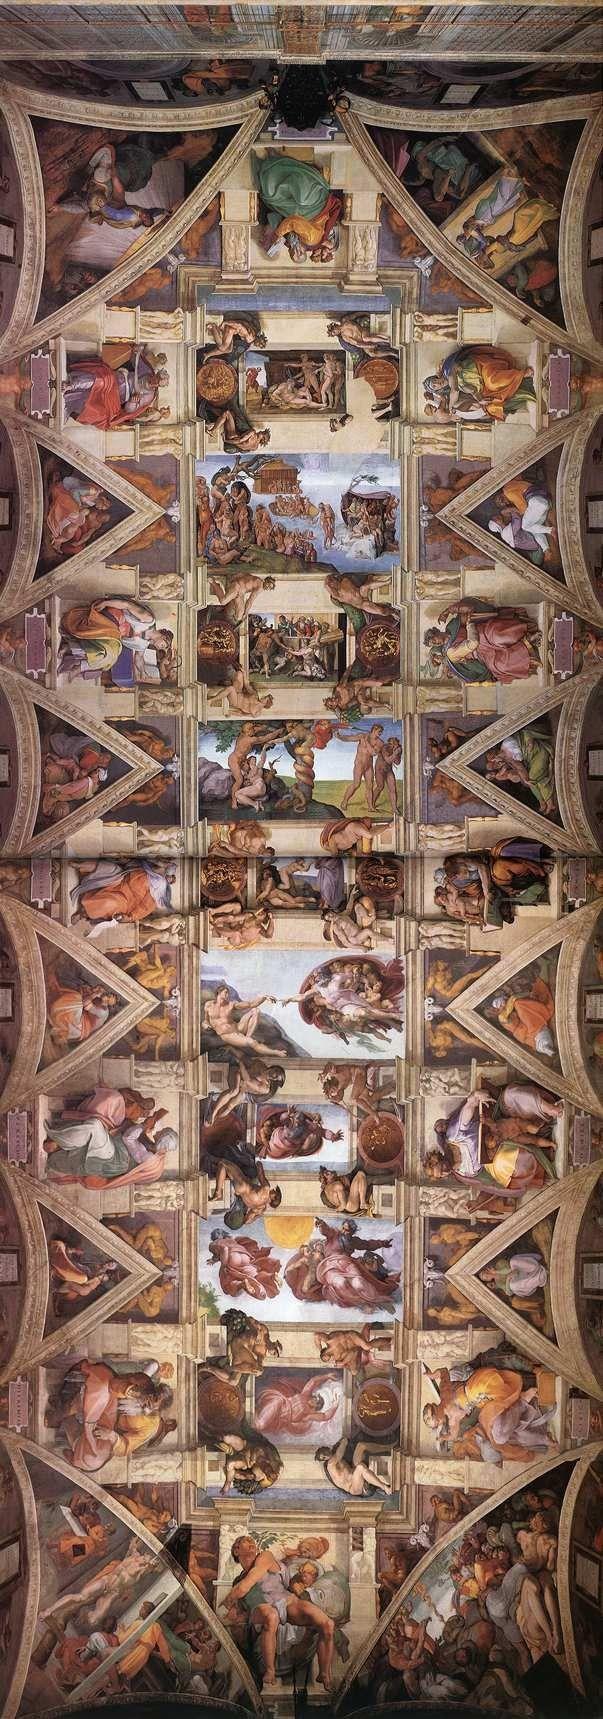 Michel-Ange - Fresque du plafond de la chapelle Sixtine (1508-1512) - Cité du Vatican.